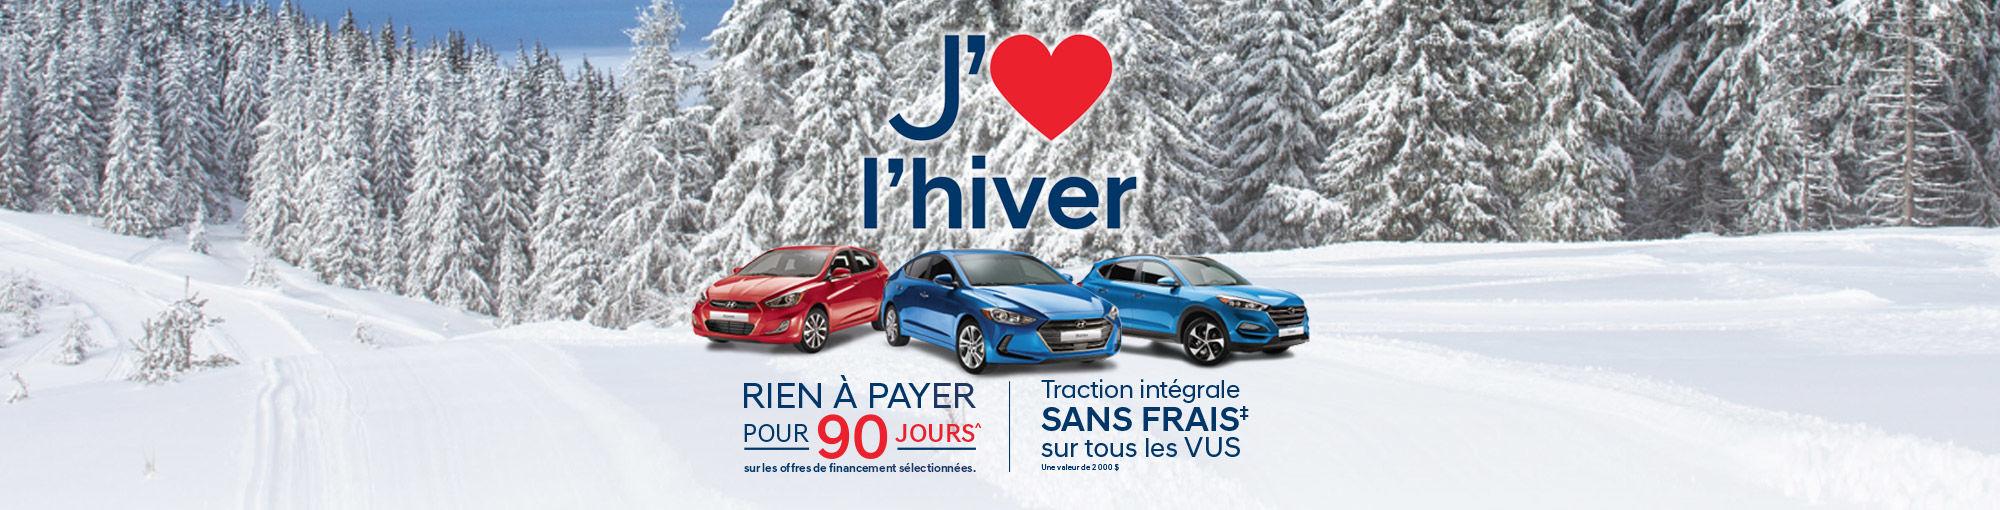 Main Header Hyundai- février 2018 J'aime l'hiver